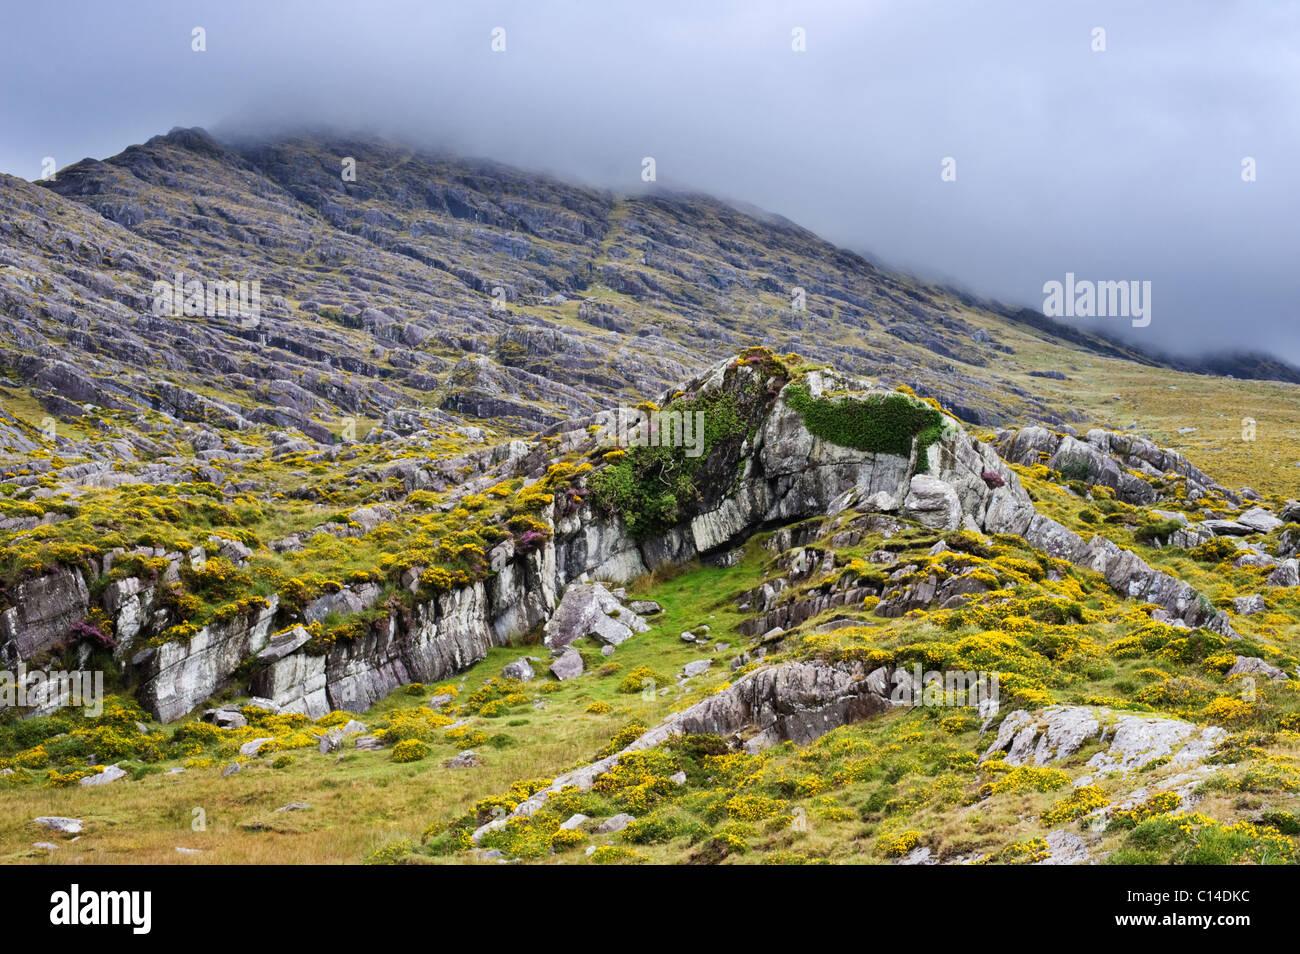 Las rocas de piedra arenisca Devoniano plegada sobre la colina hambrientos cubiertos de niebla, la península de Foto de stock